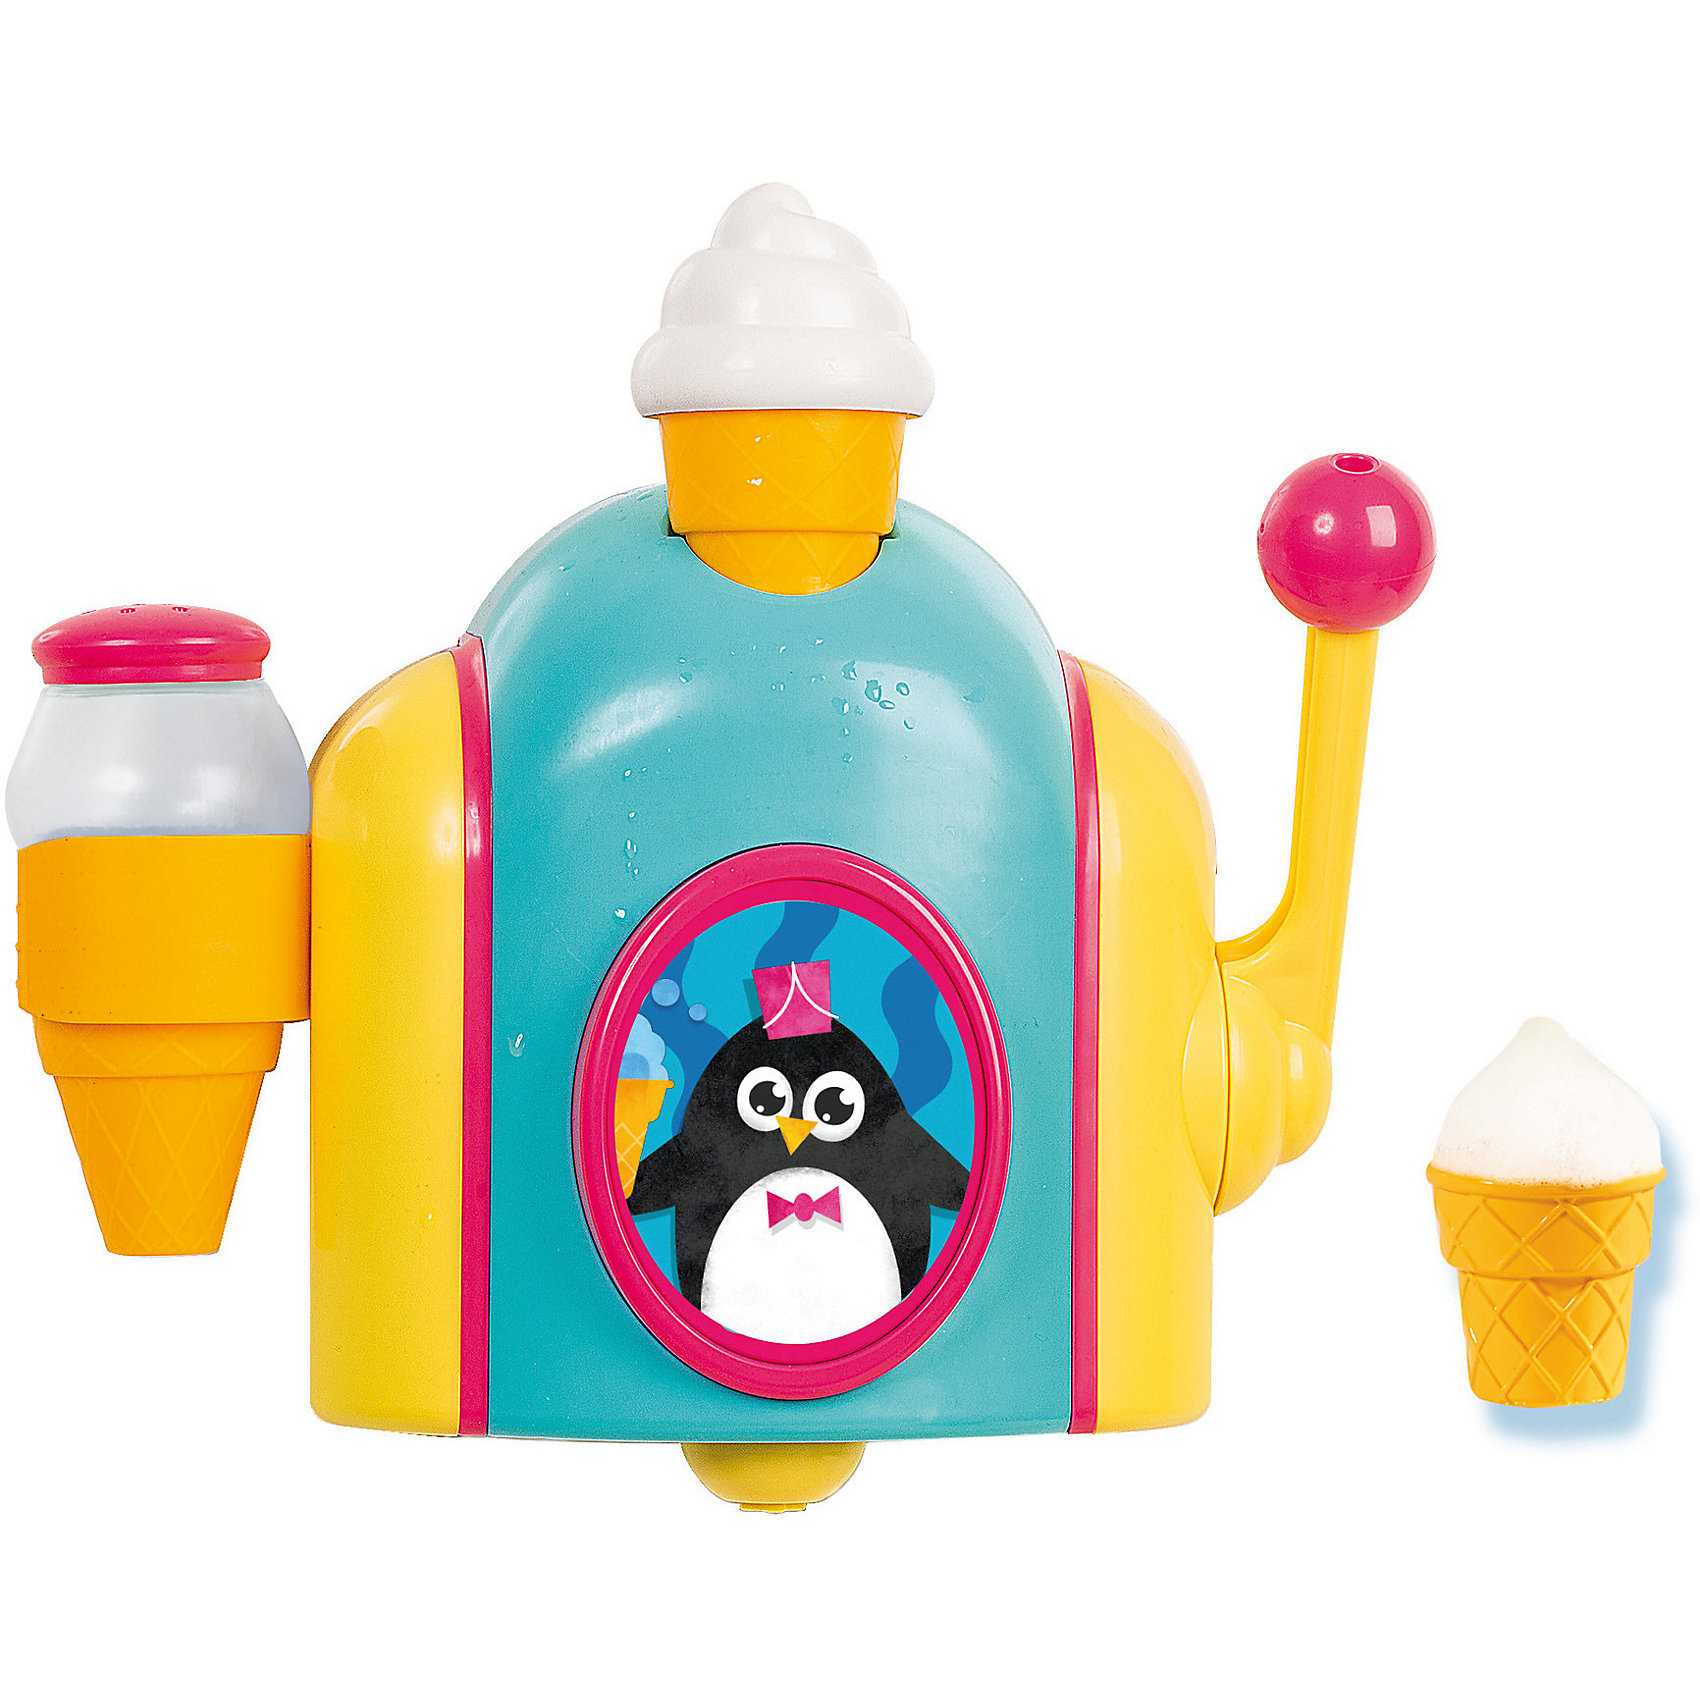 Игрушка для ванной Фабрика пены, TOMYИгрушка для ванной Фабрика пены, TOMY (ТОМИ) – эта игрушка сделает купание Вашего малыша весёлым и увлекательным!<br>Игрушка для ванной «Фабрика пены» от TOMY (ТОМИ) научит малыша делать мороженое прямо во время купания! Прикрепите игрушку к стене ванной комнаты, залейте в нее немного детского шампуня или геля для душа, разбавленного водой, и «запустите производство»! Для этого достаточно потянуть рычажок, и маленький стаканчик наполнится пеной – мороженое готово! Не забудьте сверху присыпать его «тертым шоколадом» или «корицей». Игрушка развивает воображение ребенка и положительно влияет на формирование мелкой моторики.<br><br>Дополнительная информация:<br><br>- В комплекте с игрушкой: 3 стаканчика, шейкер-«солонка»<br>- Крепится на прочных присосках<br>- Материал: высококачественный пластик<br>- Размер упаковки: 28,3 х 27,5 х 12,7 см.<br>- Вес: 740 гр.<br><br>Игрушку для ванной Фабрика пены, TOMY (ТОМИ) можно купить в нашем интернет-магазине.<br><br>Ширина мм: 291<br>Глубина мм: 291<br>Высота мм: 129<br>Вес г: 775<br>Возраст от месяцев: 18<br>Возраст до месяцев: 36<br>Пол: Унисекс<br>Возраст: Детский<br>SKU: 4023865